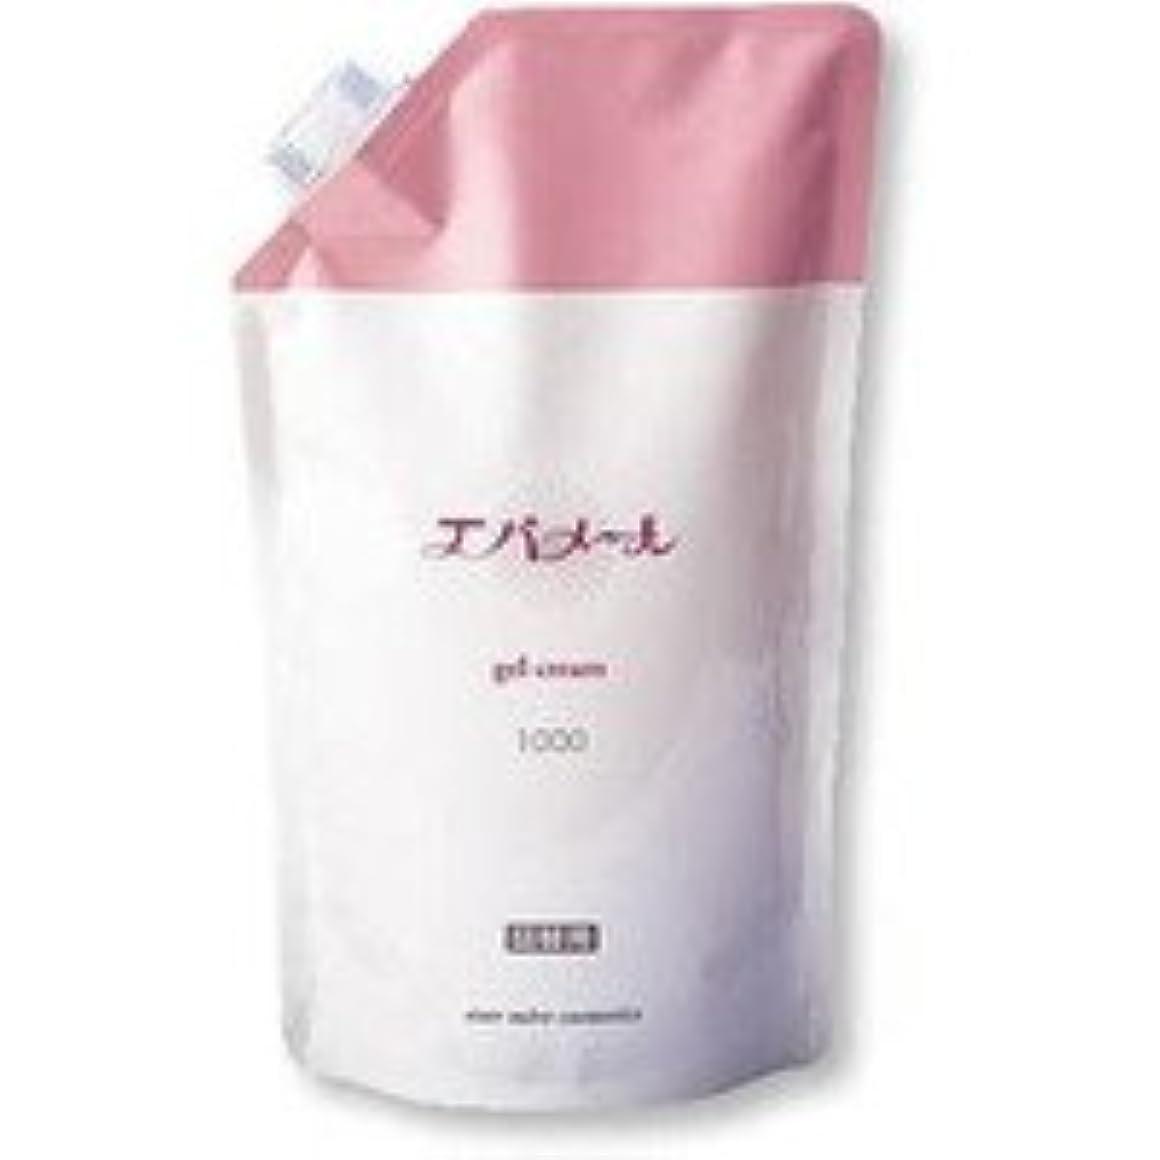 肥料ミケランジェロ蒸【evamale(エバメール)】 エバメール ゲルクリーム 詰替え用 1000g